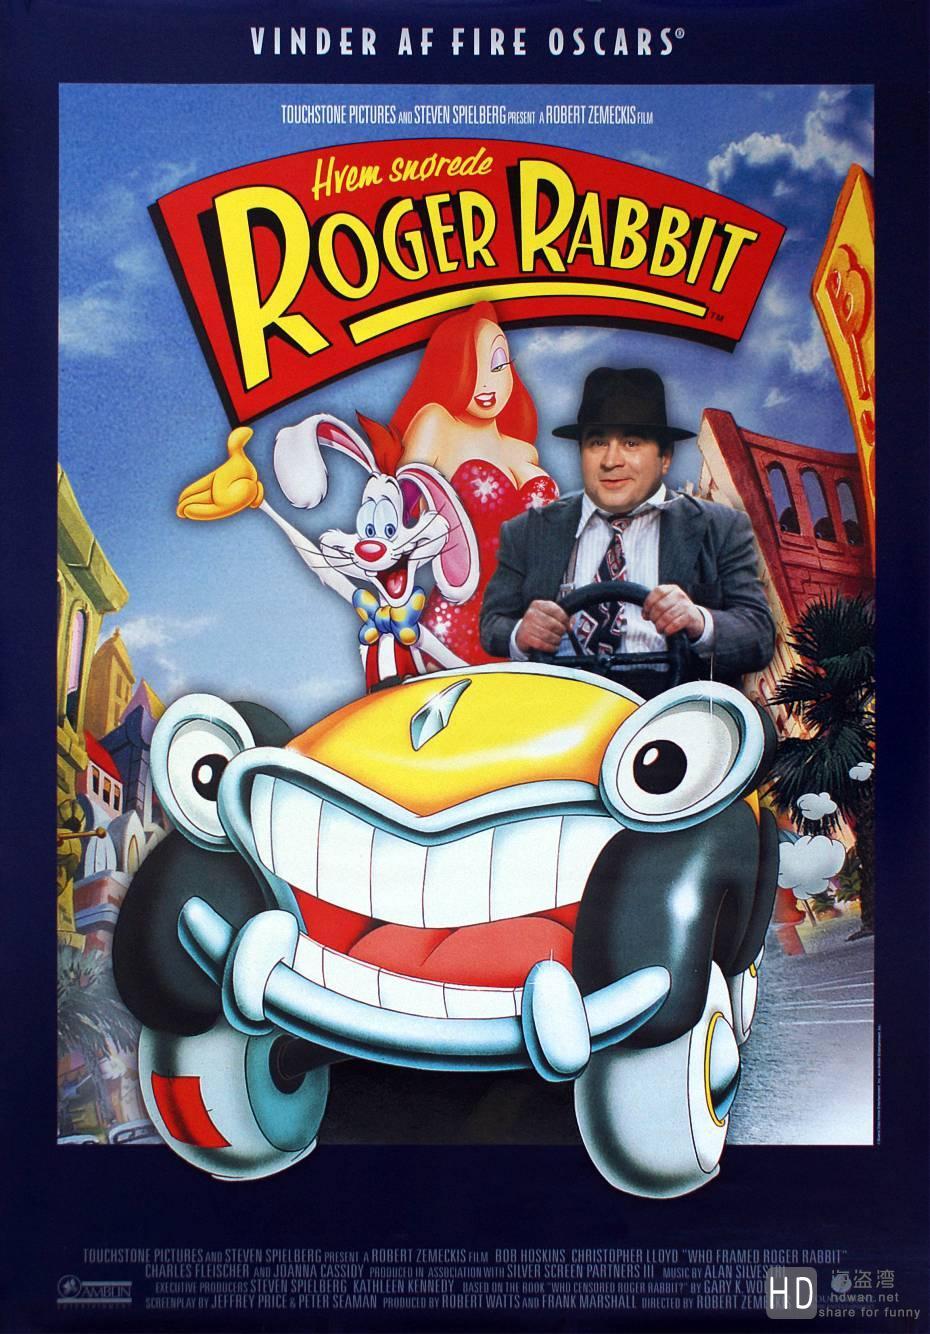 [1988][美国][动画/喜剧][谁陷害了兔子罗杰][]